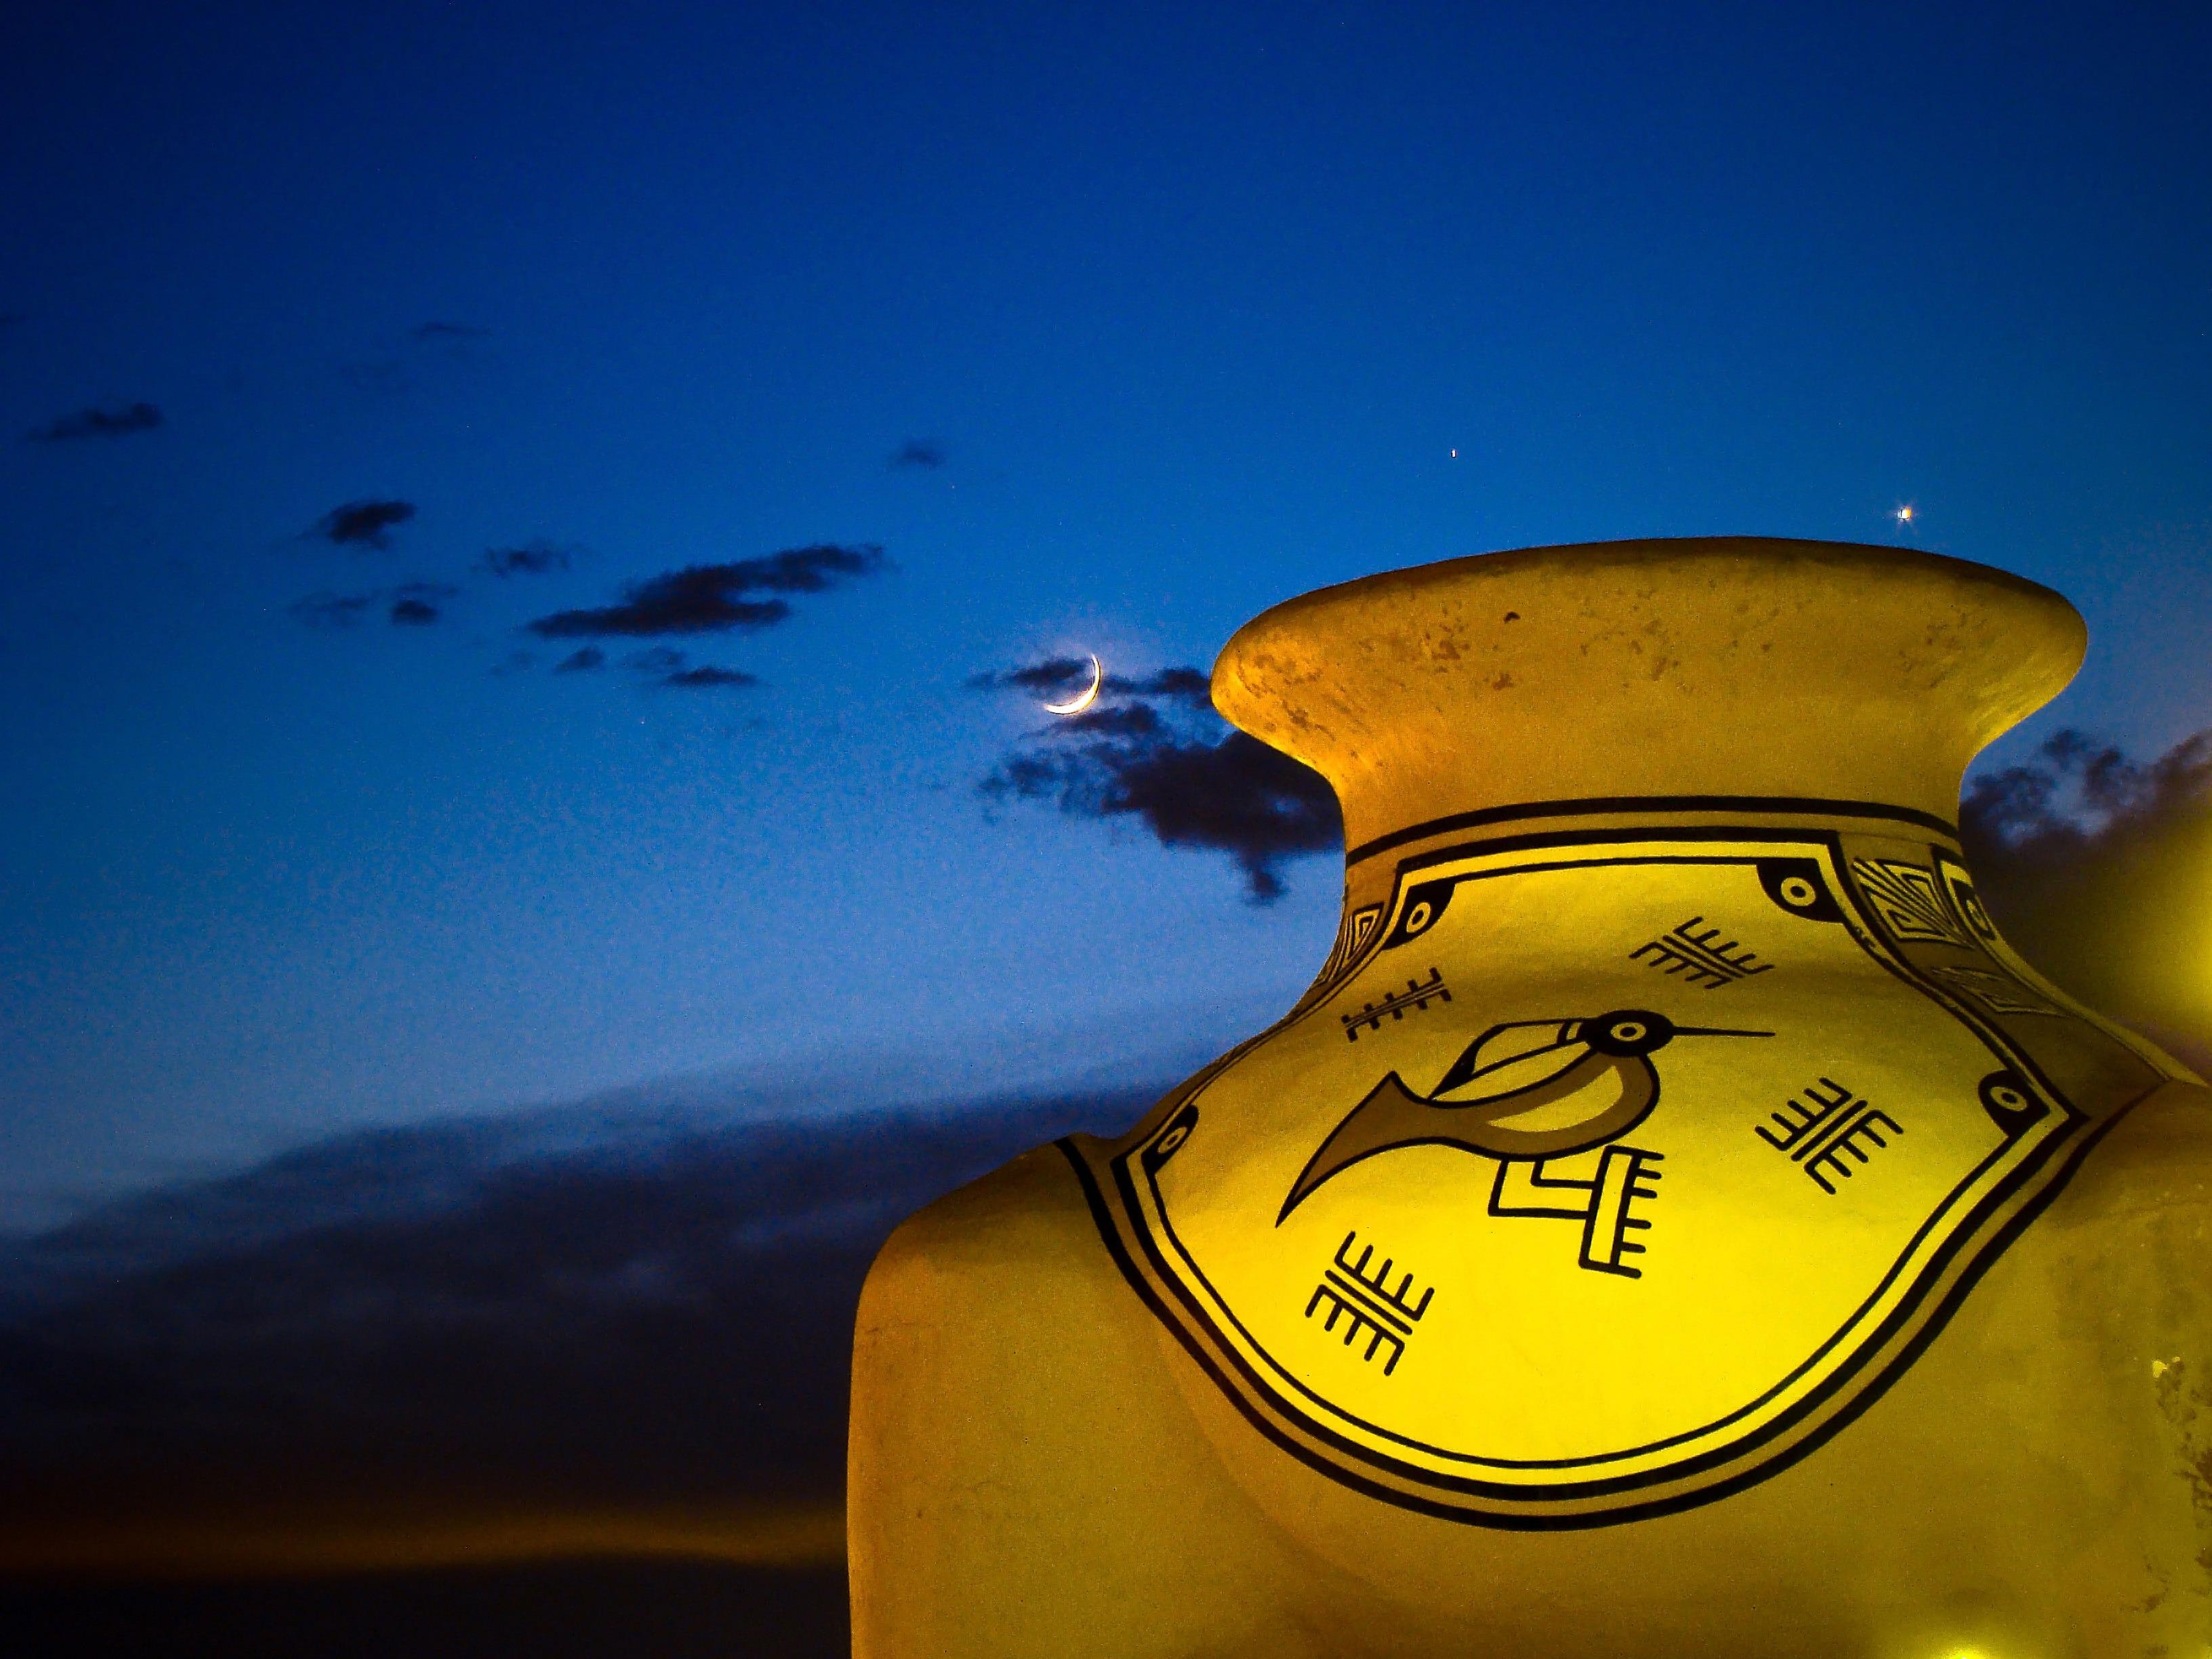 Kostenlose foto : Licht, Himmel, Nacht-, Sonnenlicht, Morgen, Pot ...